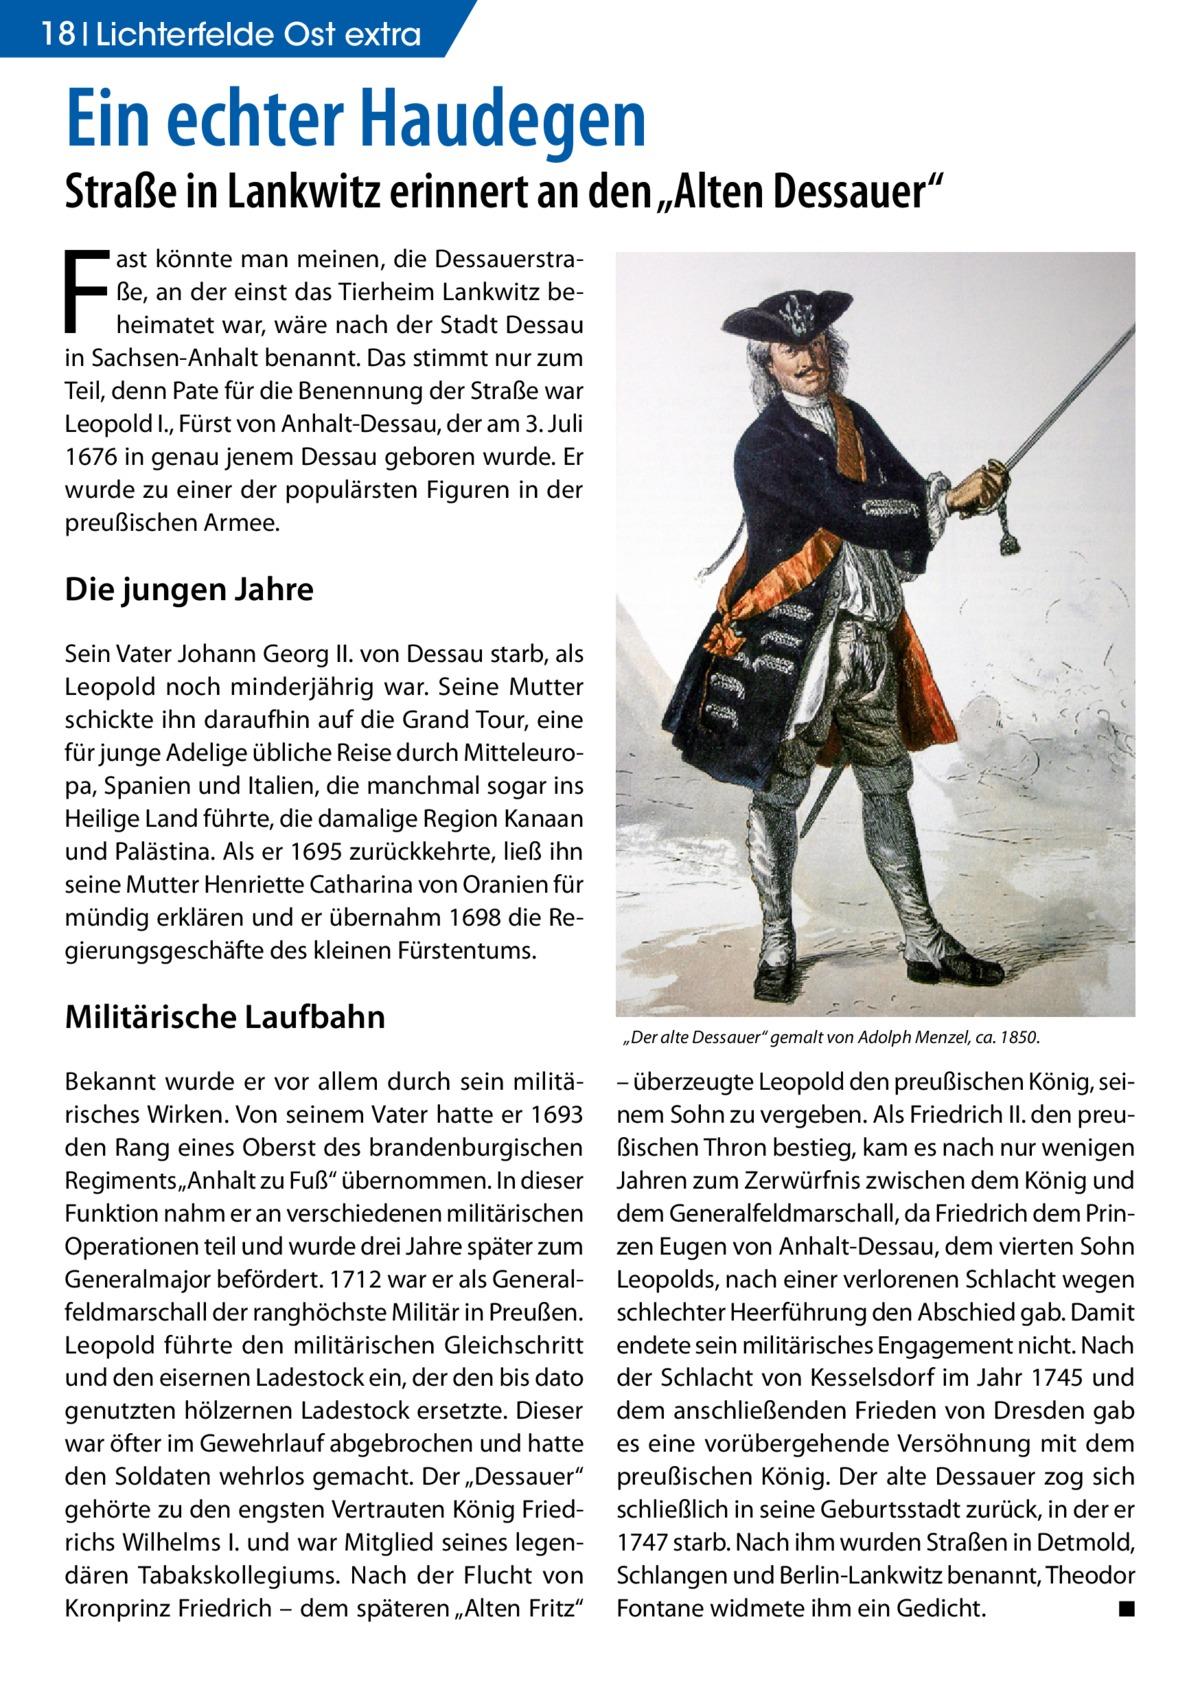 """18 Lichterfelde Ost extra  Ein echter Haudegen  Straße in Lankwitz erinnert an den """"Alten Dessauer""""  F  ast könnte man meinen, die Dessauerstraße, an der einst das Tierheim Lankwitz beheimatet war, wäre nach der Stadt Dessau in Sachsen-Anhalt benannt. Das stimmt nur zum Teil, denn Pate für die Benennung der Straße war Leopold I., Fürst von Anhalt-Dessau, der am 3.Juli 1676 in genau jenem Dessau geboren wurde. Er wurde zu einer der populärsten Figuren in der preußischen Armee.  Die jungen Jahre Sein Vater Johann Georg II. von Dessau starb, als Leopold noch minderjährig war. Seine Mutter schickte ihn daraufhin auf die Grand Tour, eine für junge Adelige übliche Reise durch Mitteleuropa, Spanien und Italien, die manchmal sogar ins Heilige Land führte, die damalige Region Kanaan und Palästina. Als er 1695 zurückkehrte, ließ ihn seine Mutter Henriette Catharina von Oranien für mündig erklären und er übernahm 1698 die Regierungsgeschäfte des kleinen Fürstentums.  Militärische Laufbahn Bekannt wurde er vor allem durch sein militärisches Wirken. Von seinem Vater hatte er 1693 den Rang eines Oberst des brandenburgischen Regiments """"Anhalt zu Fuß"""" übernommen. In dieser Funktion nahm er an verschiedenen militärischen Operationen teil und wurde drei Jahre später zum Generalmajor befördert. 1712 war er als Generalfeldmarschall der ranghöchste Militär in Preußen. Leopold führte den militärischen Gleichschritt und den eisernen Ladestock ein, der den bis dato genutzten hölzernen Ladestock ersetzte. Dieser war öfter im Gewehrlauf abgebrochen und hatte den Soldaten wehrlos gemacht. Der """"Dessauer"""" gehörte zu den engsten Vertrauten König Friedrichs Wilhelms I. und war Mitglied seines legendären Tabakskollegiums. Nach der Flucht von Kronprinz Friedrich – dem späteren """"Alten Fritz""""  """"Der alte Dessauer"""" gemalt von Adolph Menzel, ca. 1850.  – überzeugte Leopold den preußischen König, seinem Sohn zu vergeben. Als Friedrich II. den preußischen Thron bestieg, kam es nach nur wenigen Jahren zum """